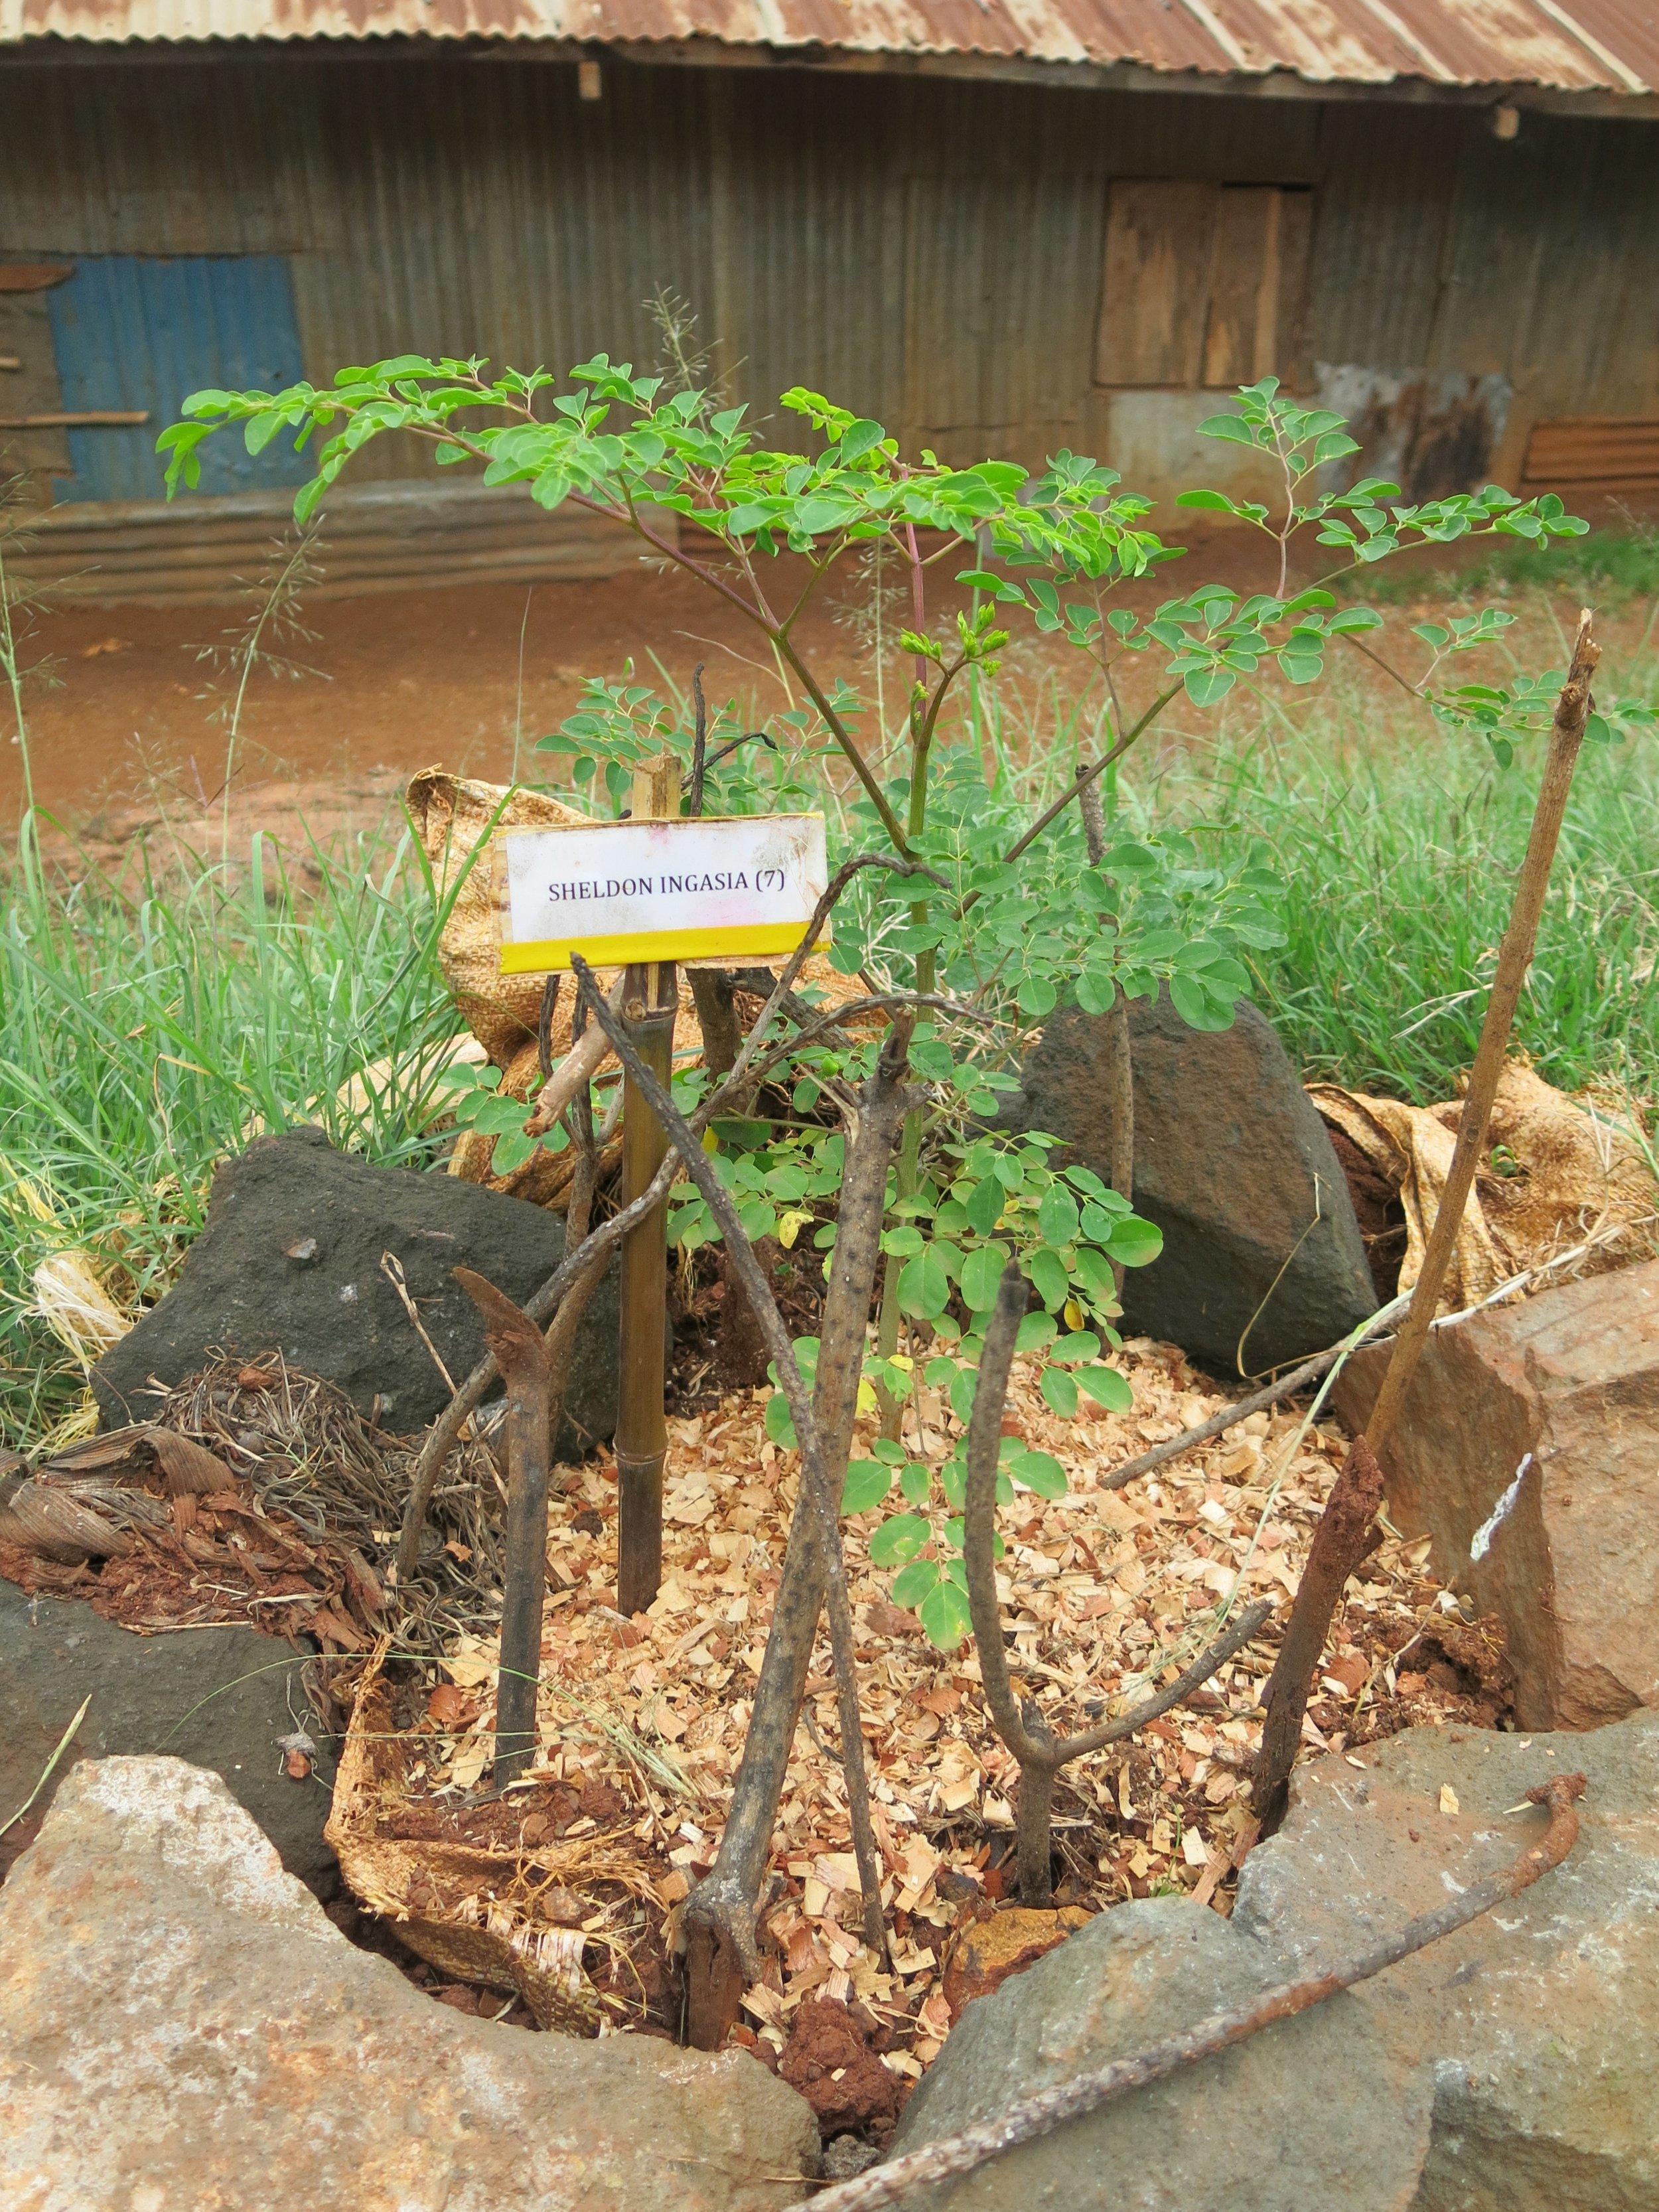 Above: Moringa tree with student name